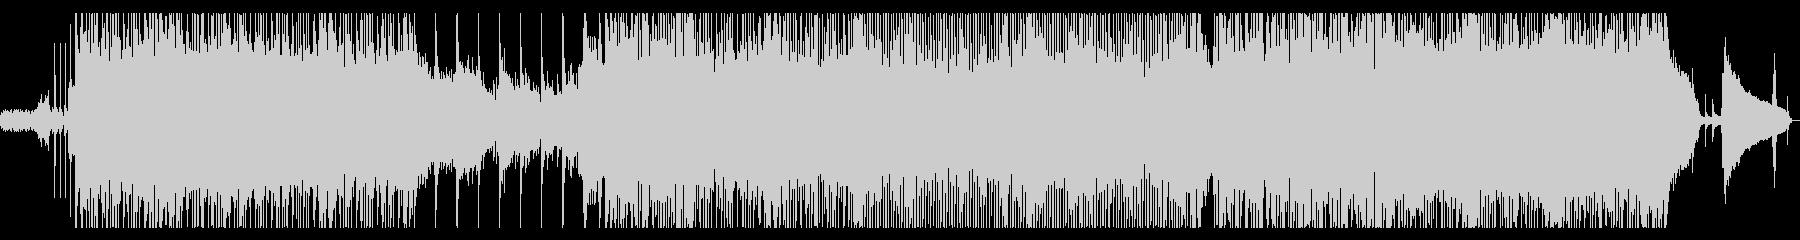 さわやかなサウンドのポップスの未再生の波形